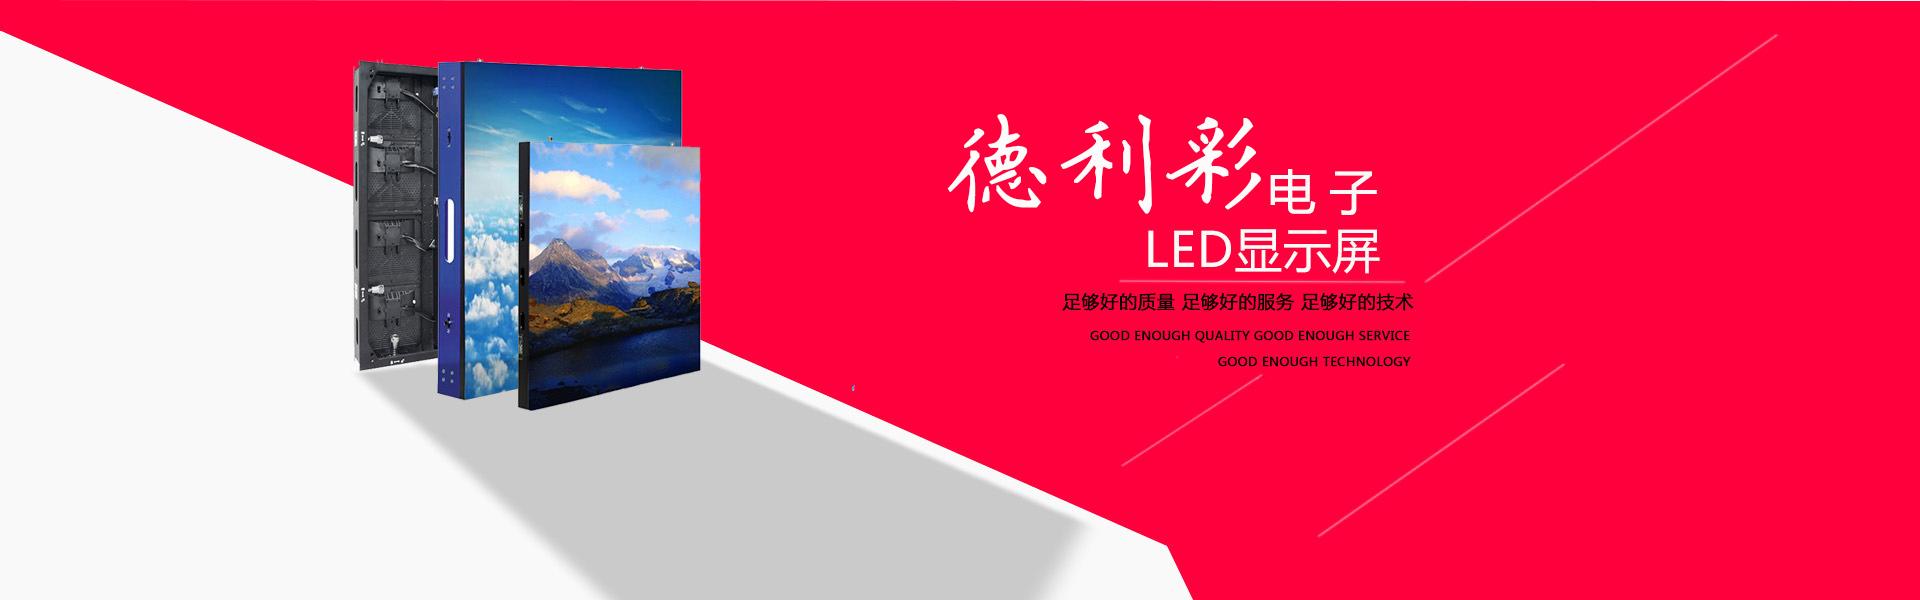 青海led显示屏租赁